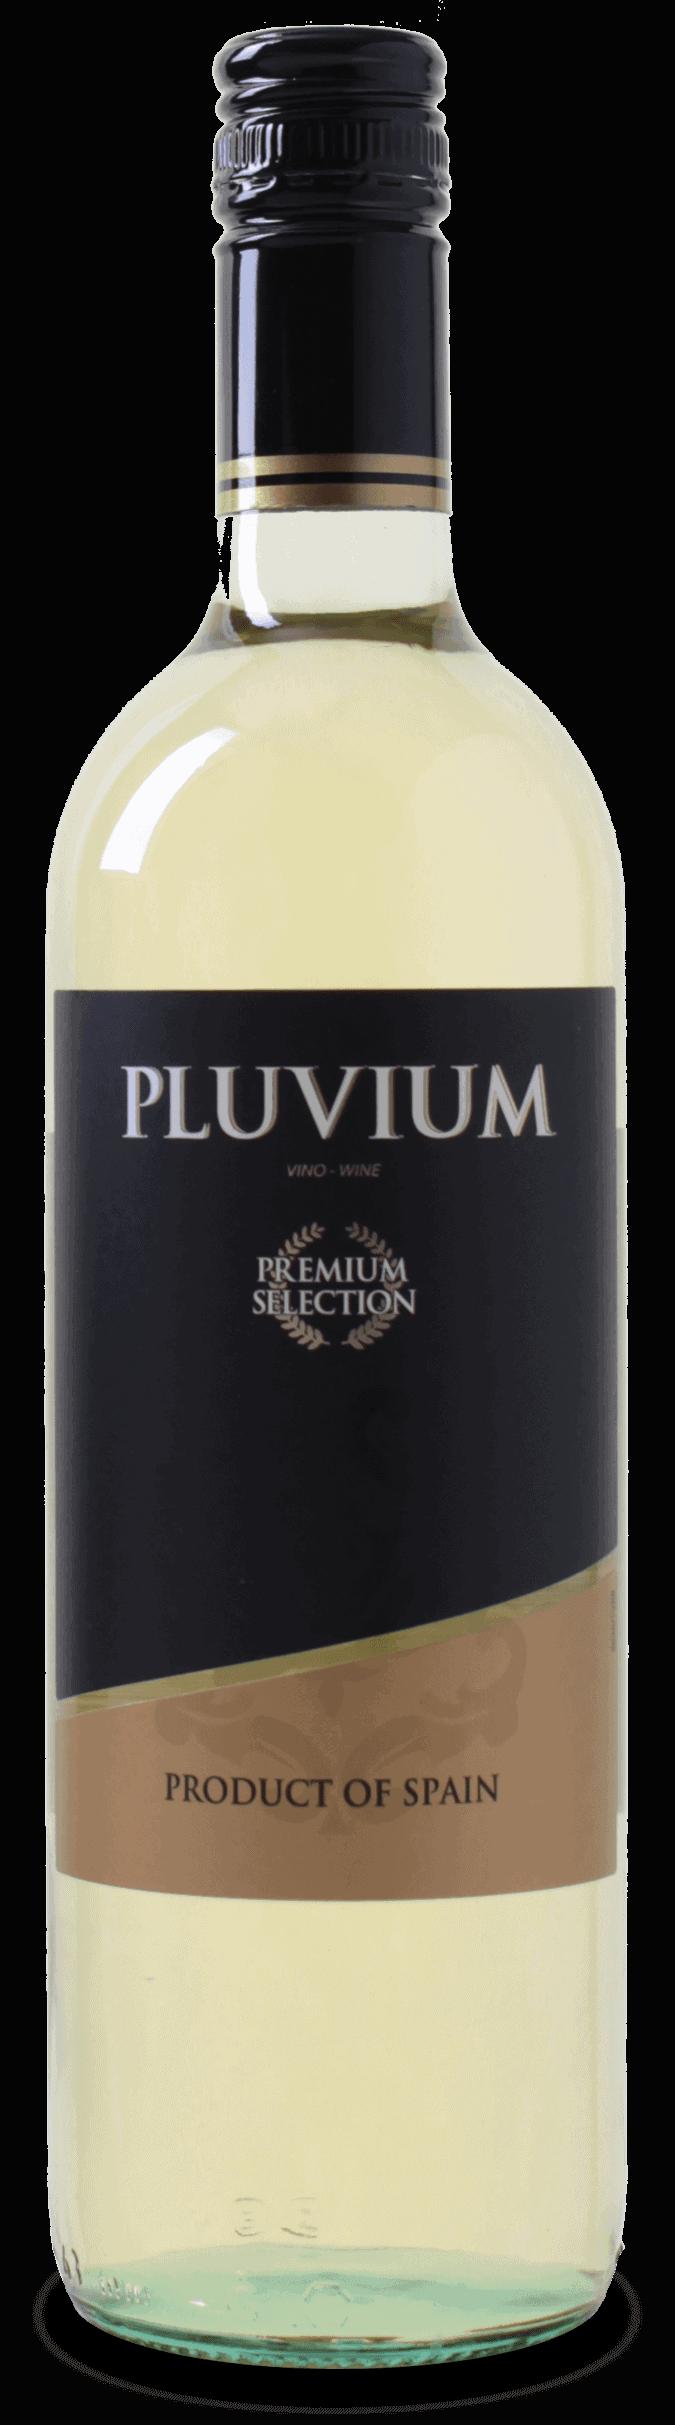 Pluvium Merseguera-Sauvignon Blanc